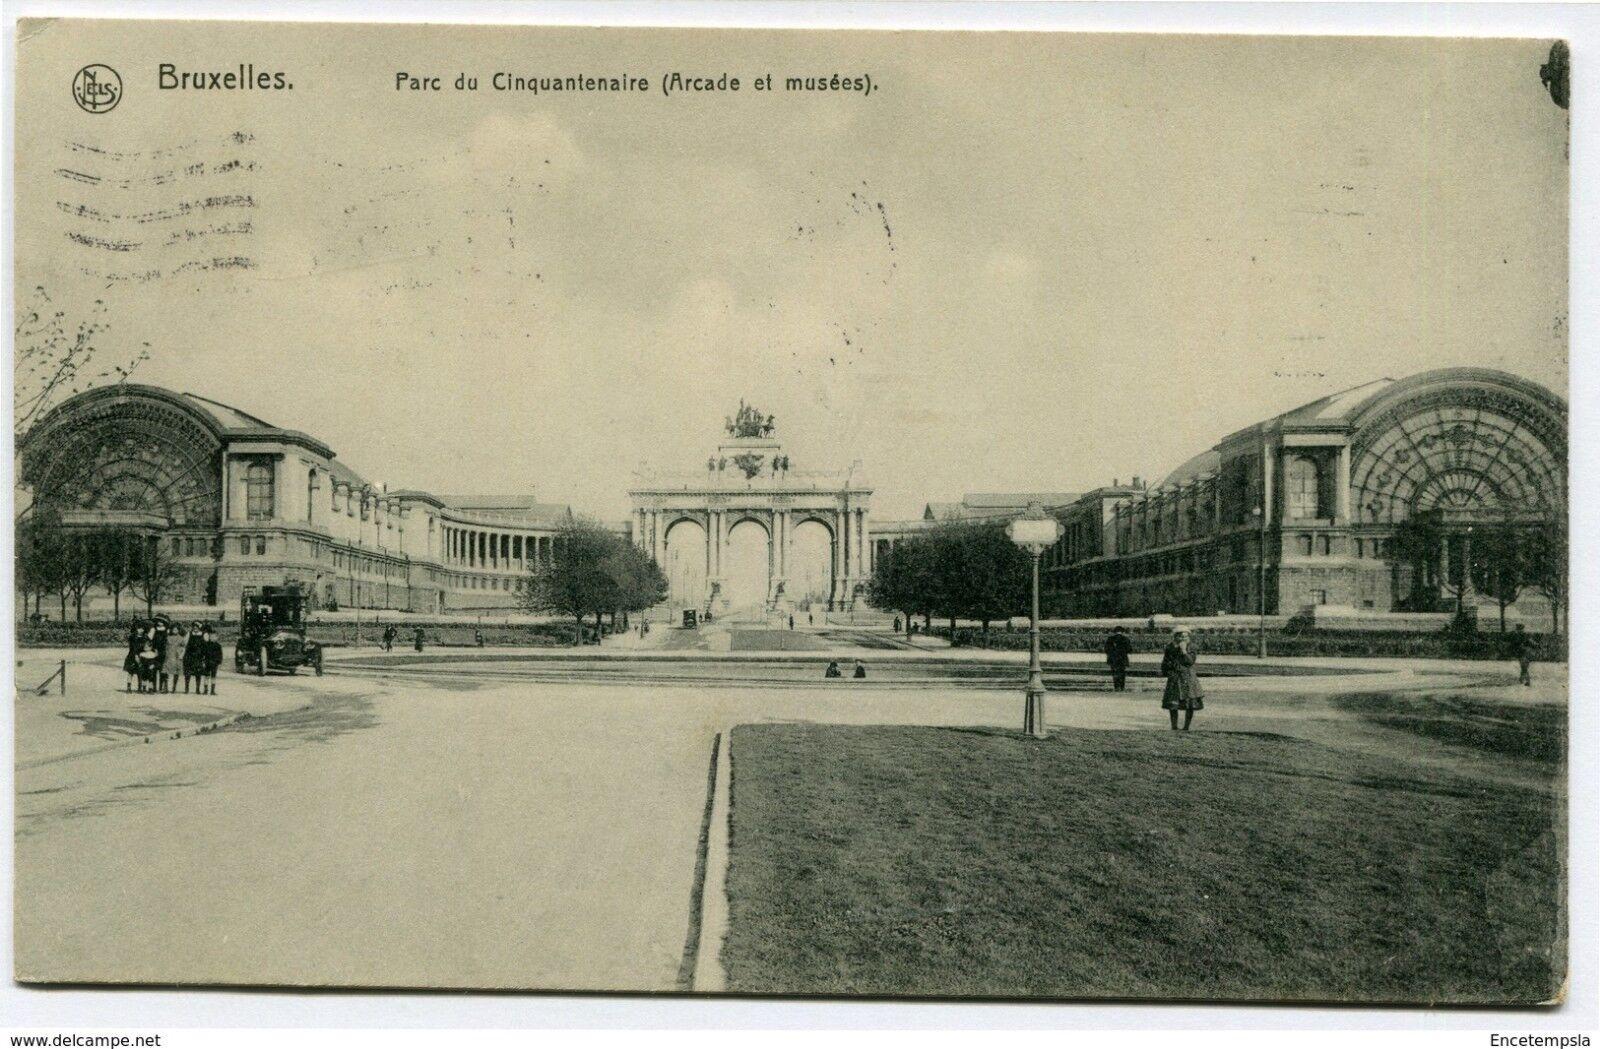 CPA-Carte postale-Belgique-Bruxelles -  Bruxelles - Parc du Cinquantenaire-1914